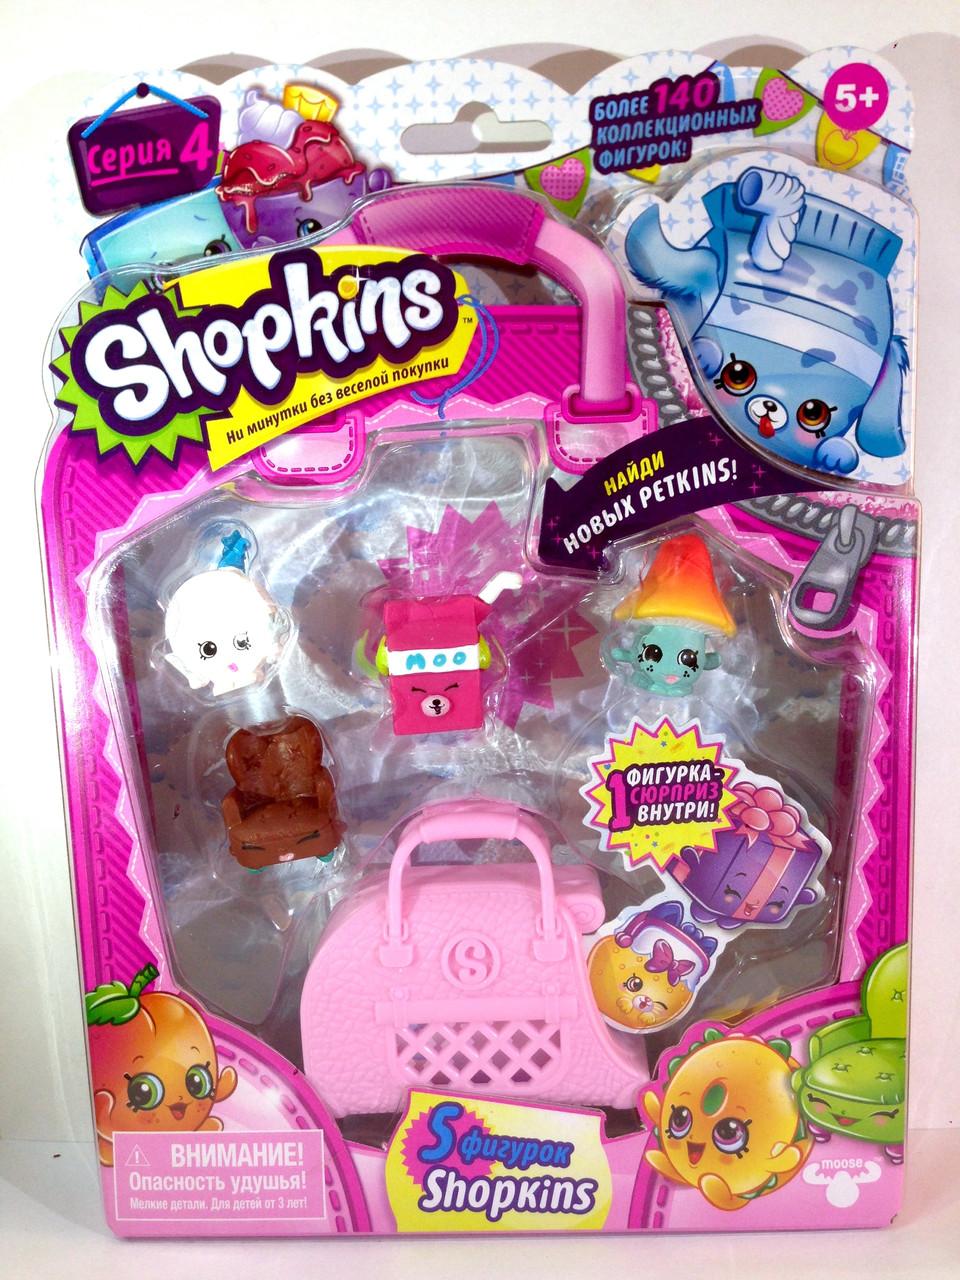 Shopkins, Шопкинс (4 сезон) 5 игрушек в упаковке (грибочек)